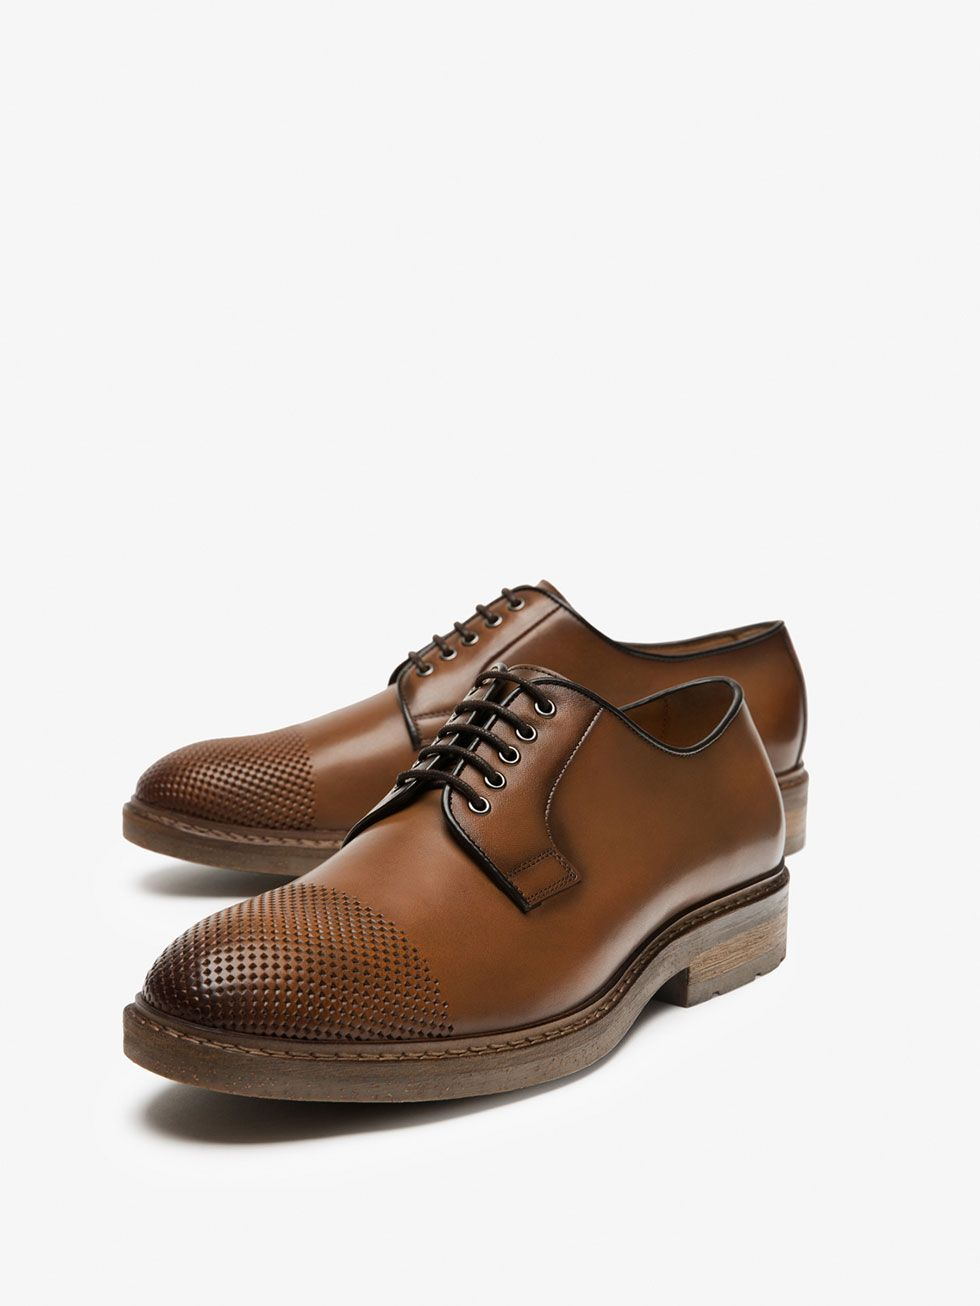 ace176777f BLUCHER DE PELE POLIDA COM PERFURAÇÕES de HOMEM - Sapatos - Ver tudo da  Massimo Dutti